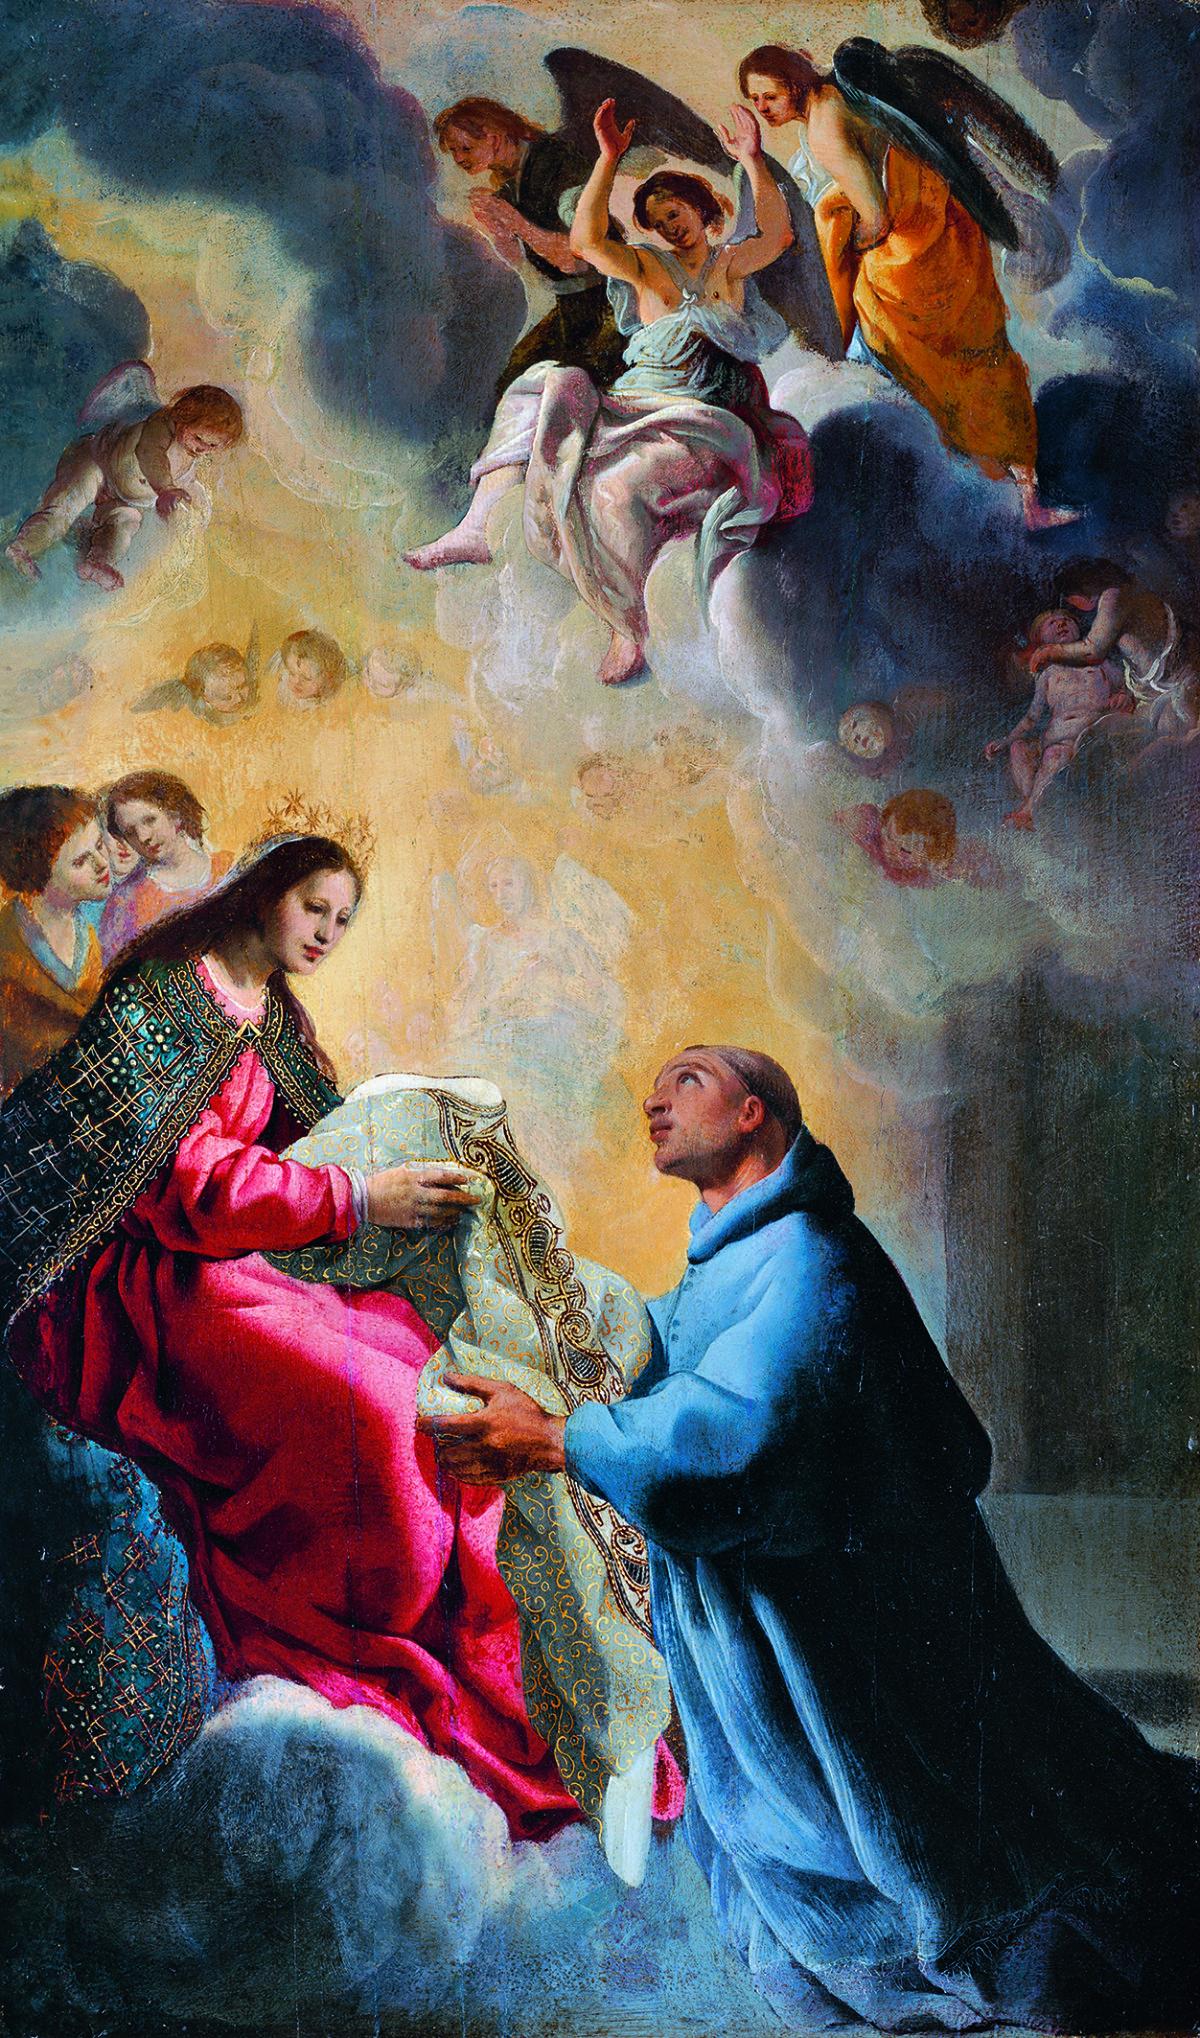 Eugenio Cajés: Der Heilige Ildefons empfängt von Maria die Kasel, 17. Jh., © Musée des Beaux-Arts de Bordeaux, 1860 (Foto: L. Gauthier, F. Deval)